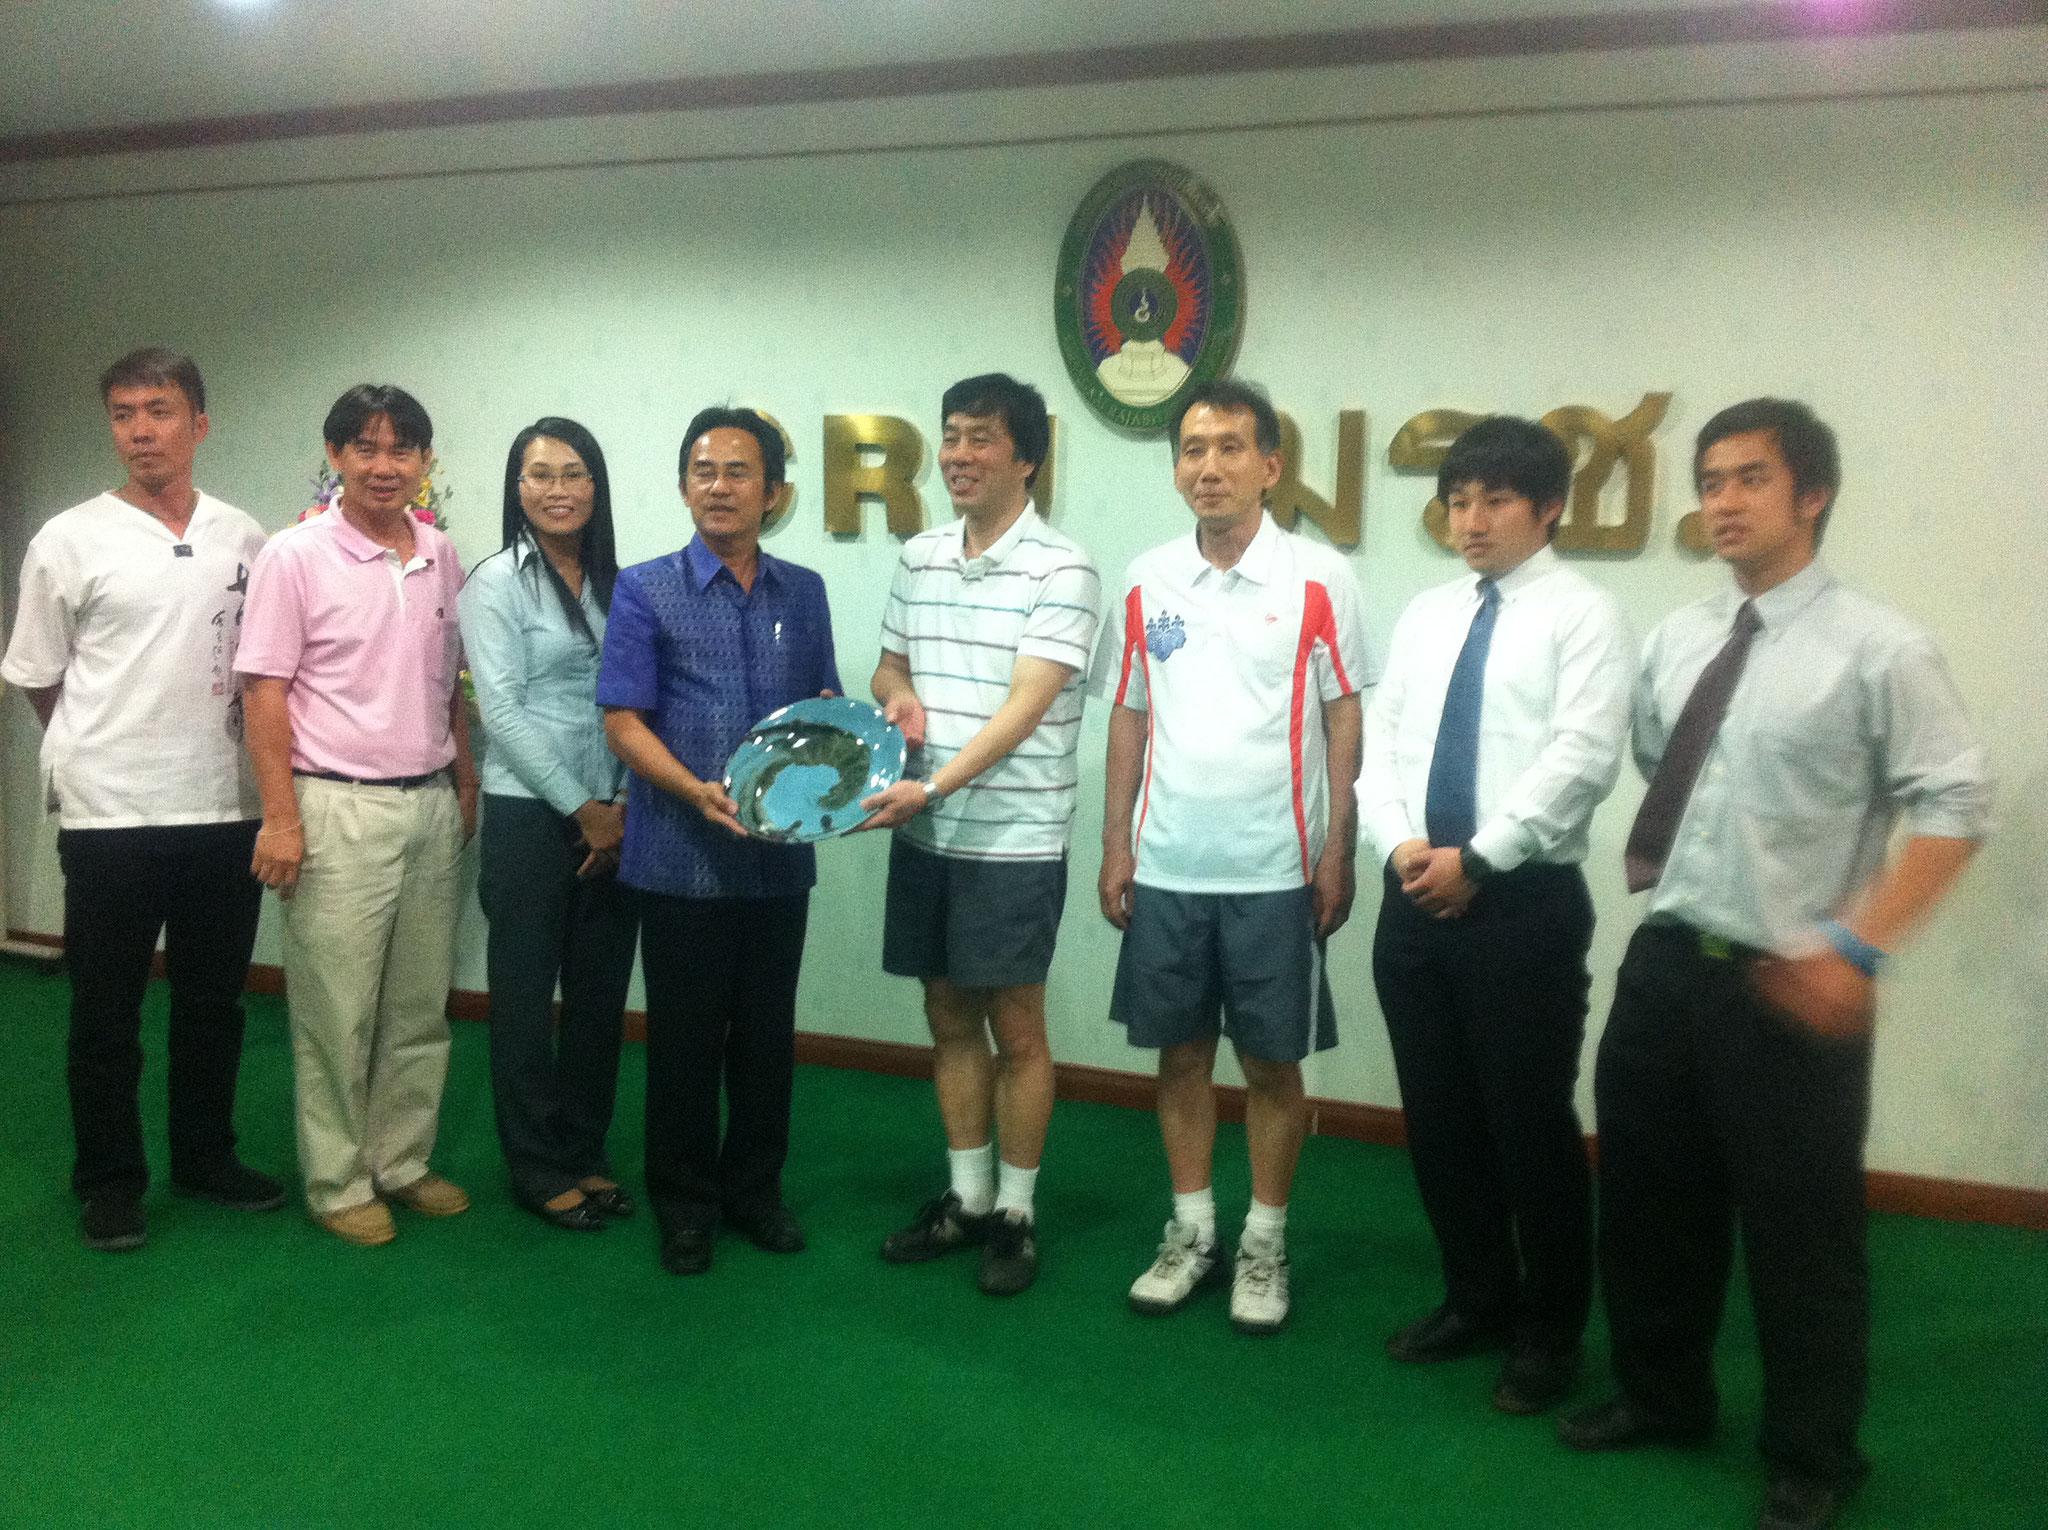 筑波大学へ記念品を贈るピンモウン・ウォラサリット副学長